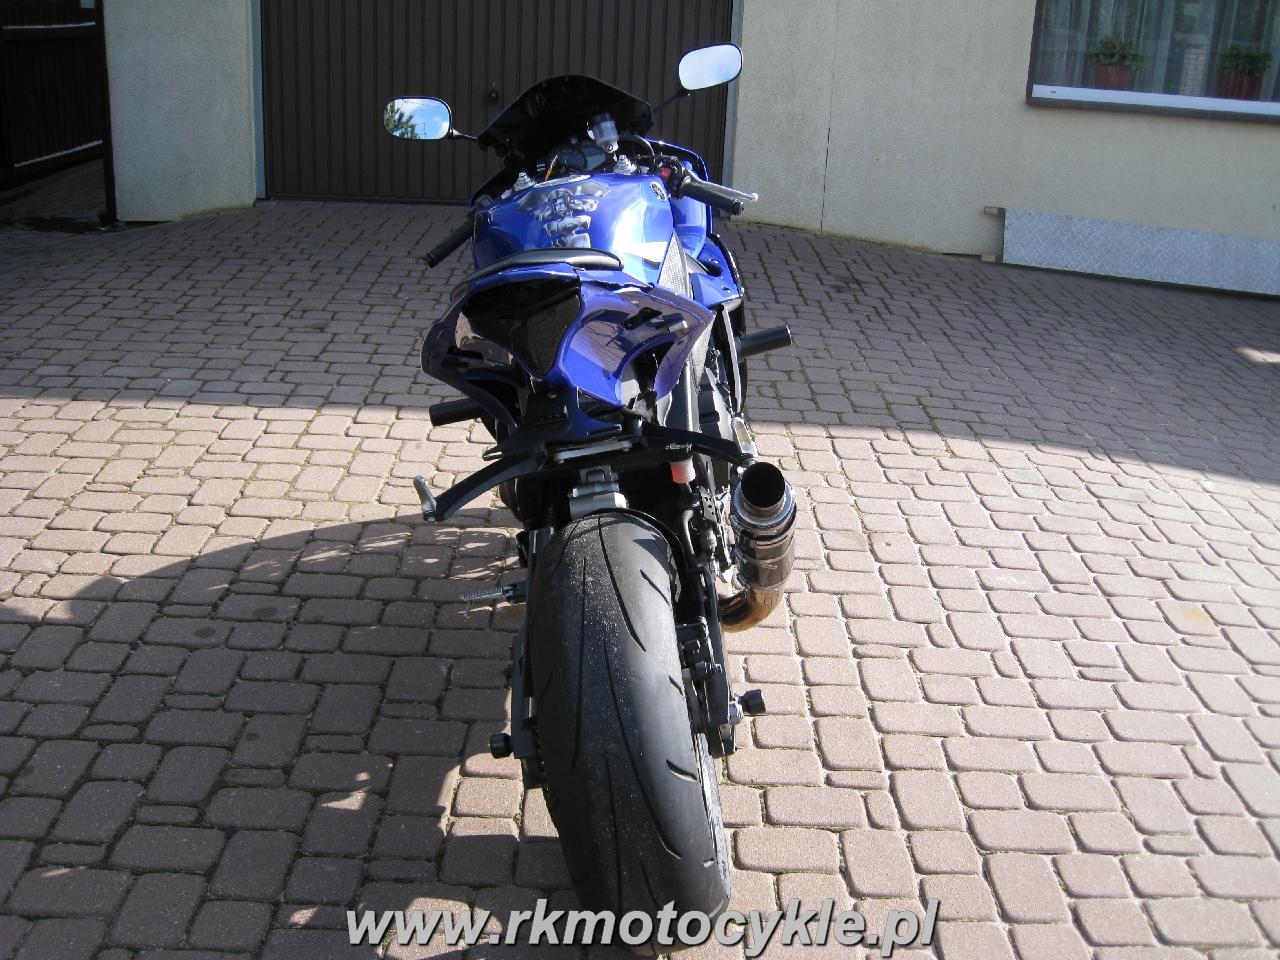 Rk Motocykle Yamaha R1 Rn22 Yzfr1 Yzf R1